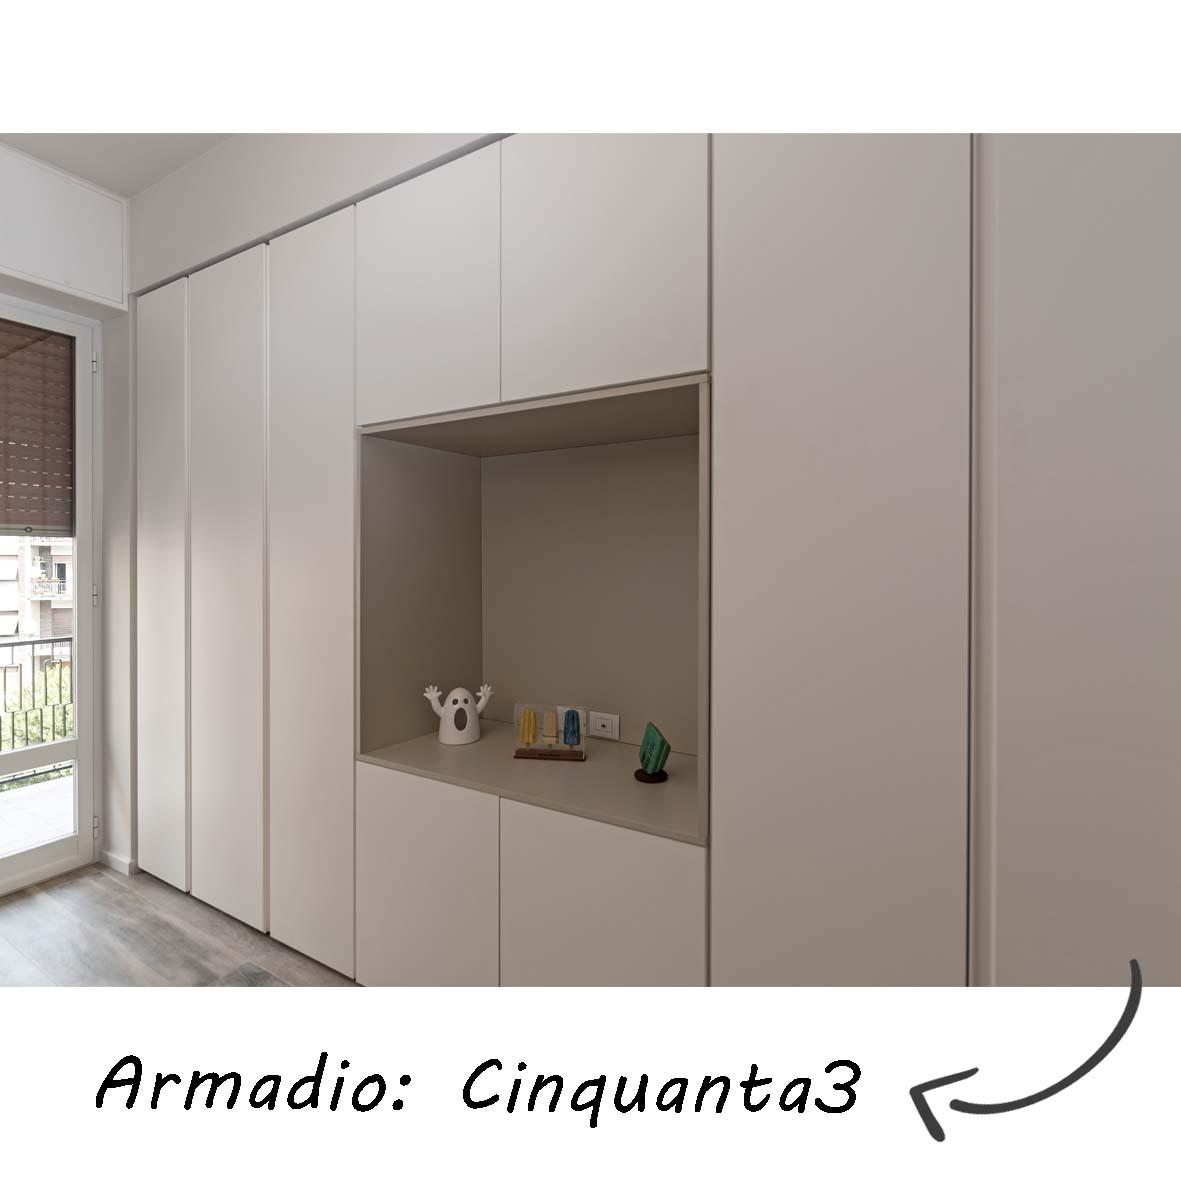 realizzazioni-centro dell'arredamento-savona-armadio-cinquanta3